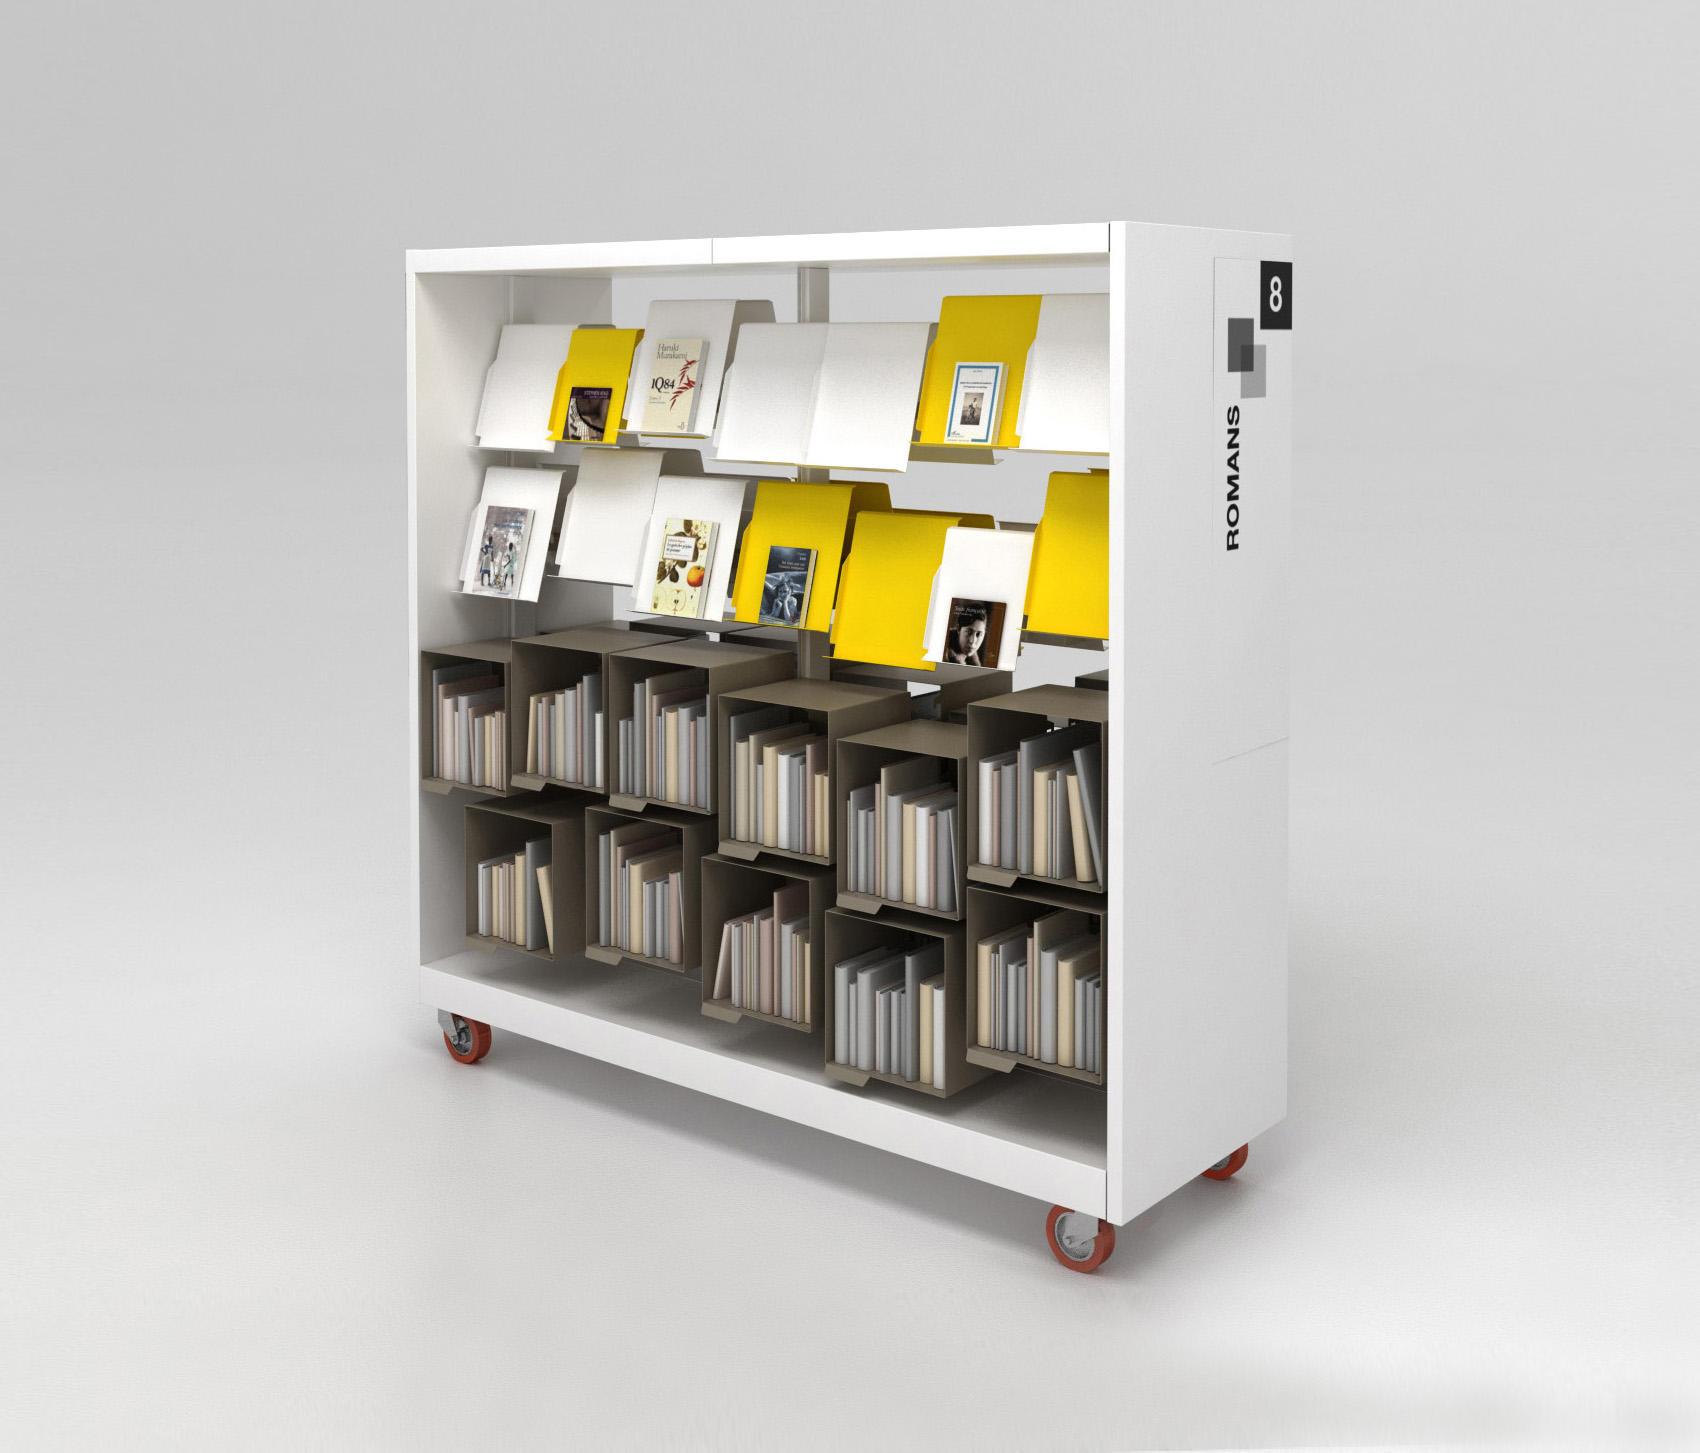 bk 3 tag res pour biblioth ques de idm coupechoux architonic. Black Bedroom Furniture Sets. Home Design Ideas